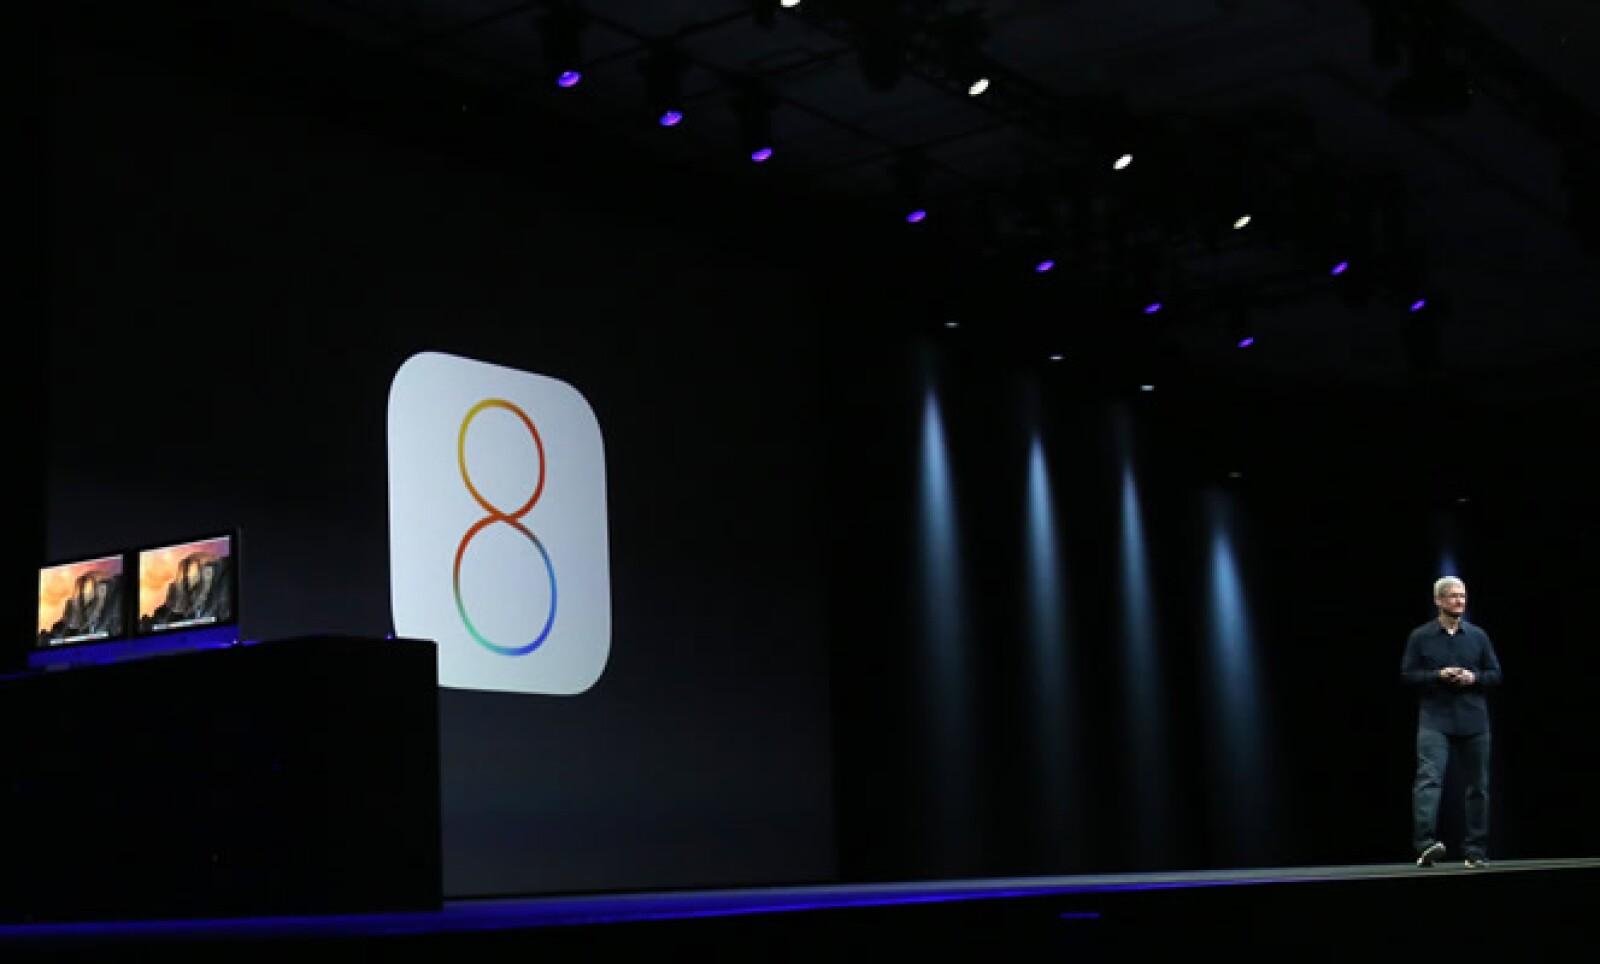 La segunda presentación de la noche fue el sistema operativo para disposivos móviles, el iOS que este lunes vio a la luz su versión iOS 8. Tim Cook, CEO de Apple, introdujo esta sorpresa con una broma cuando recordó que 30 millones de personas compraron u